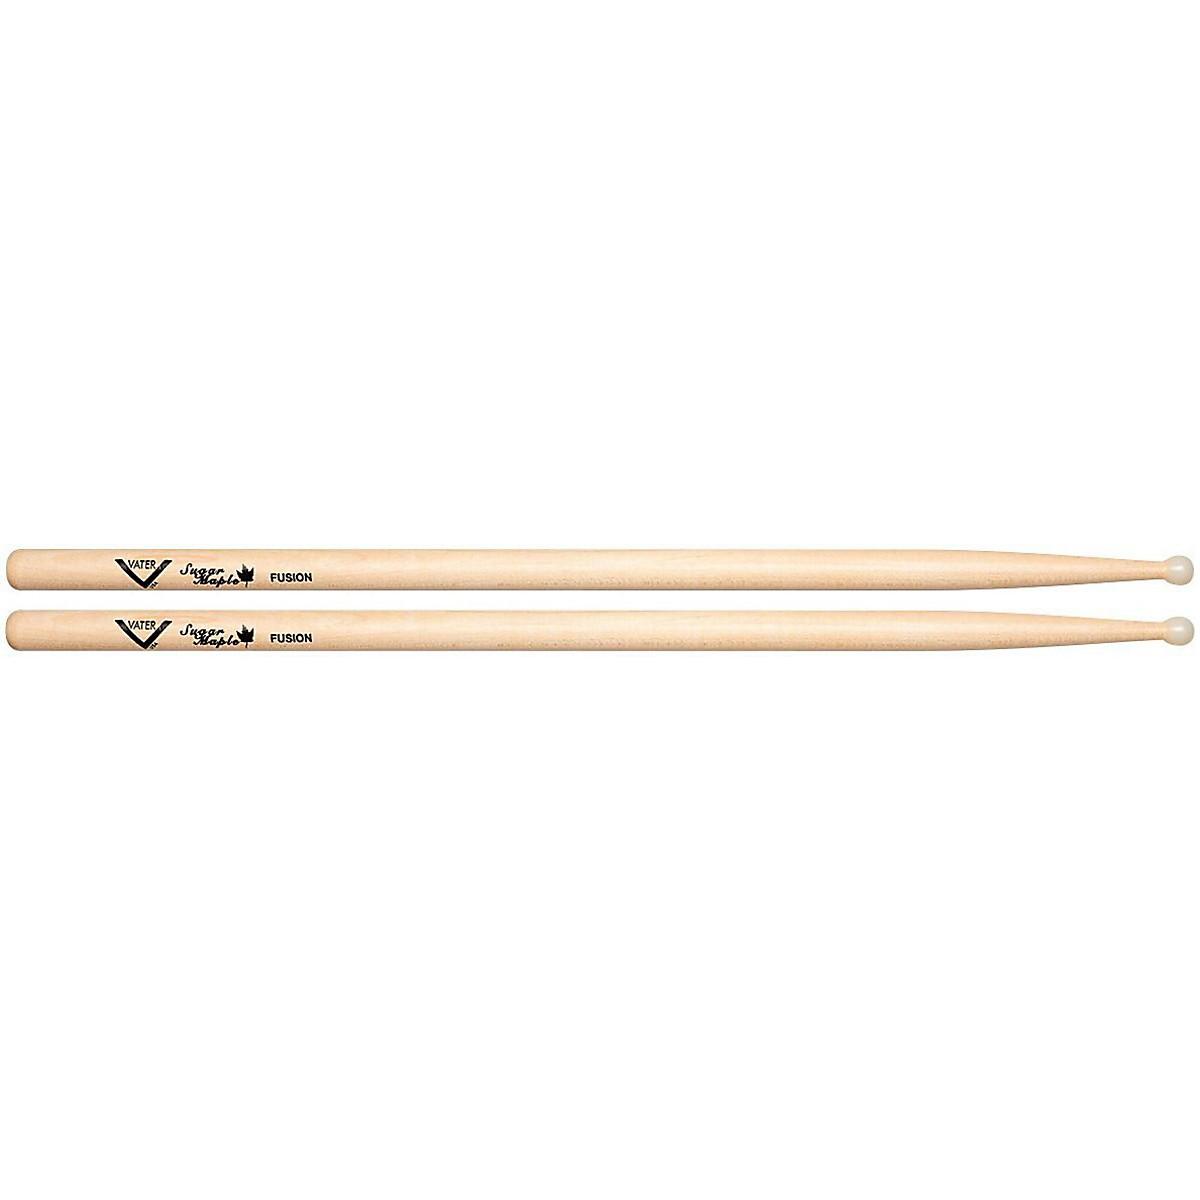 Vater Sugar Maple Drum Stick Fusion